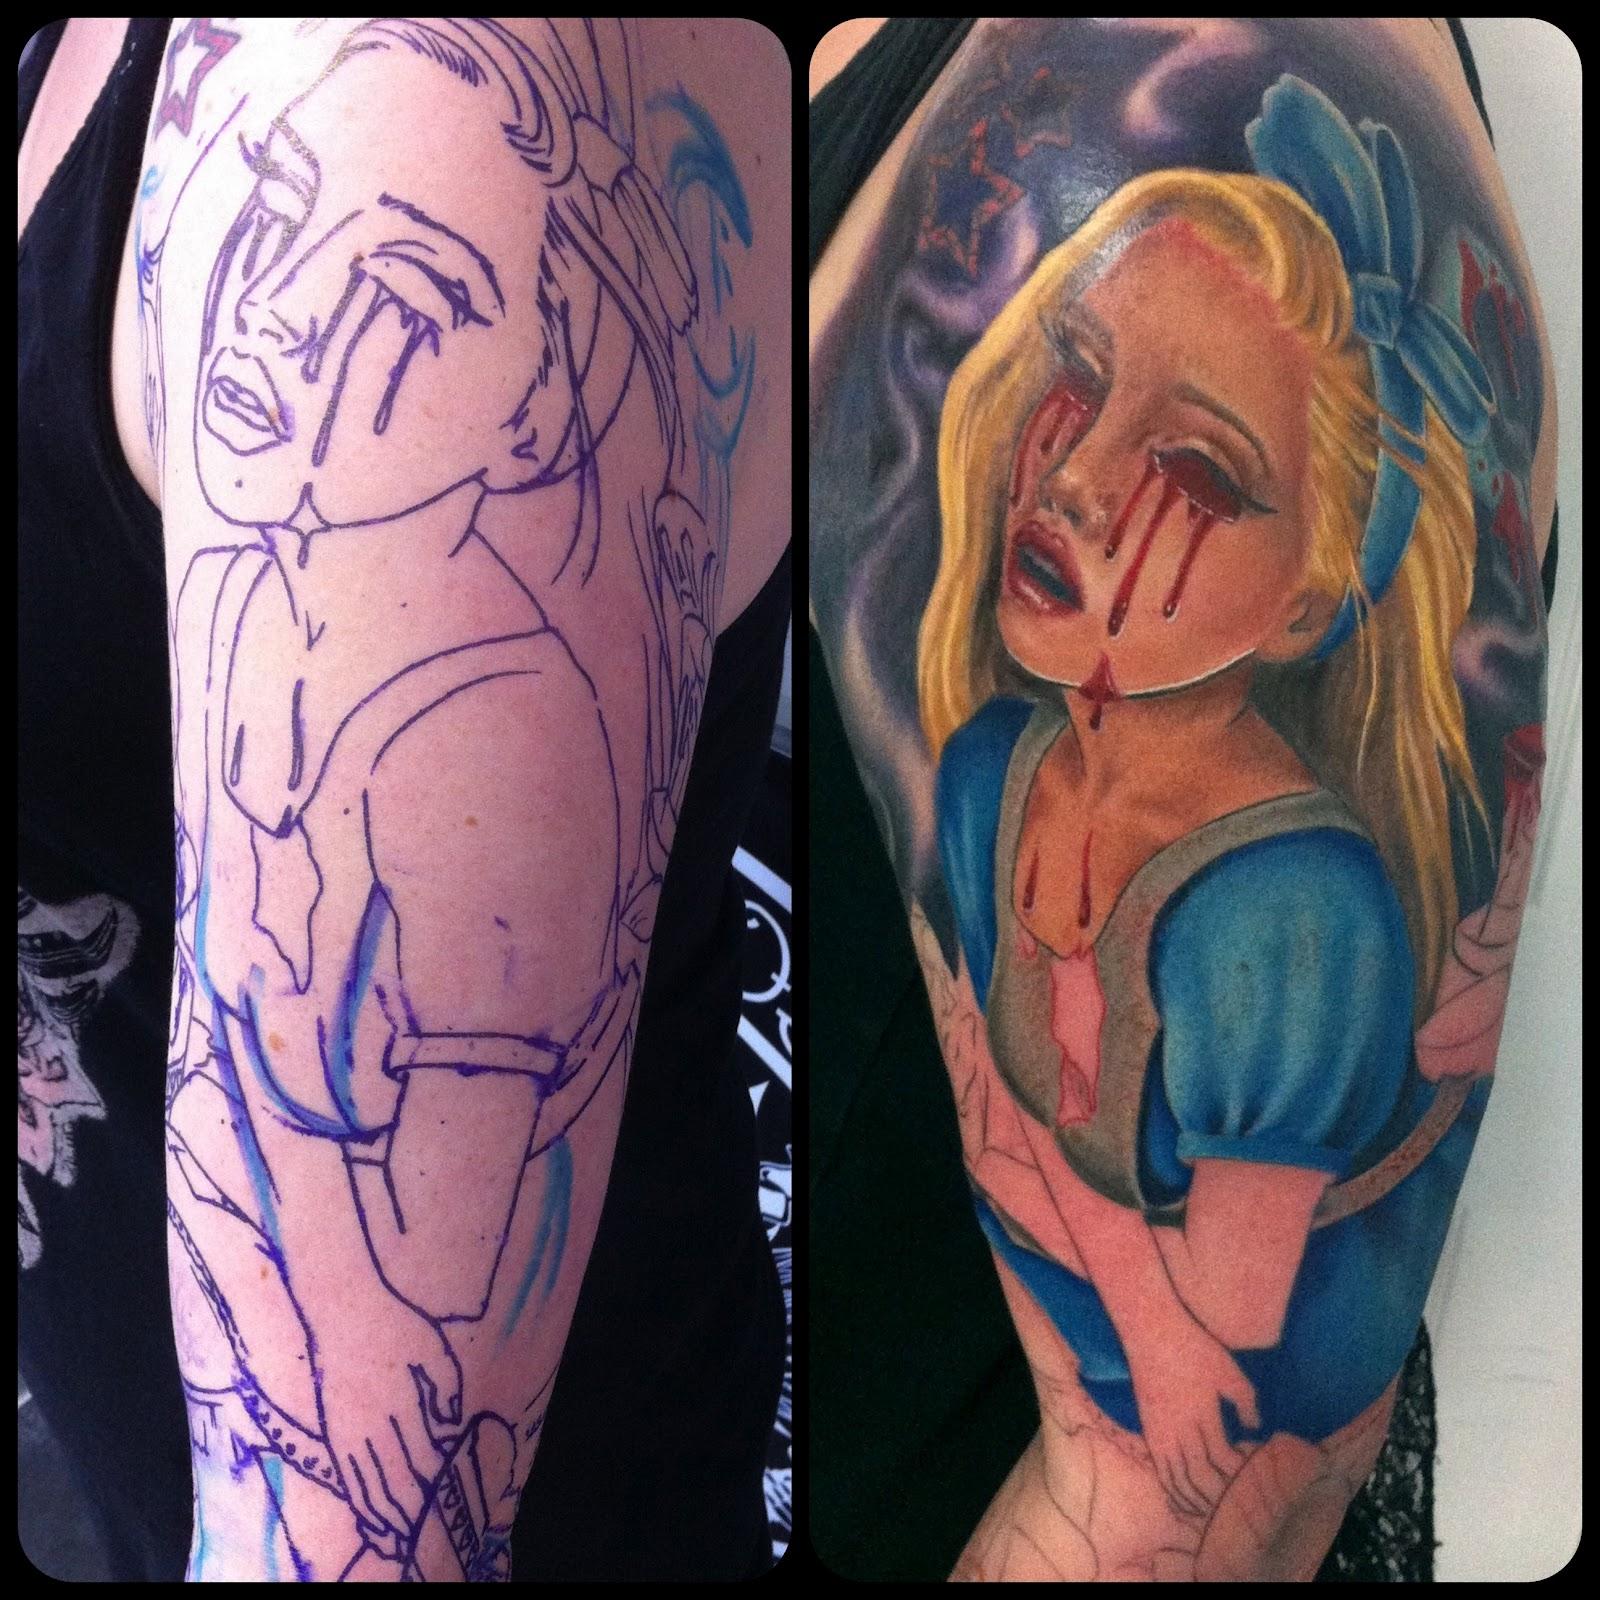 Chloe Black Tattoos Alice in Wonderland sleeve